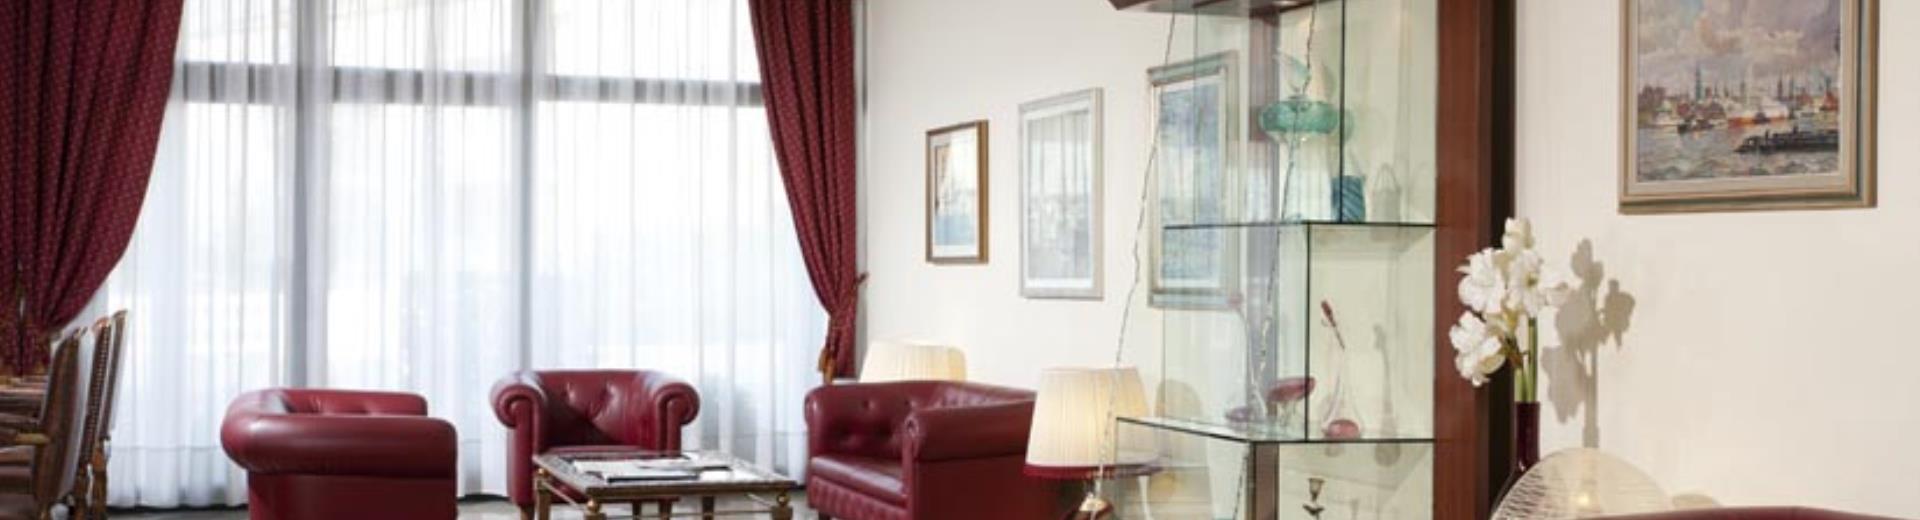 Titian Inn Hotel Venice Airport 3 stelle - Hotel Venezia vicino ...